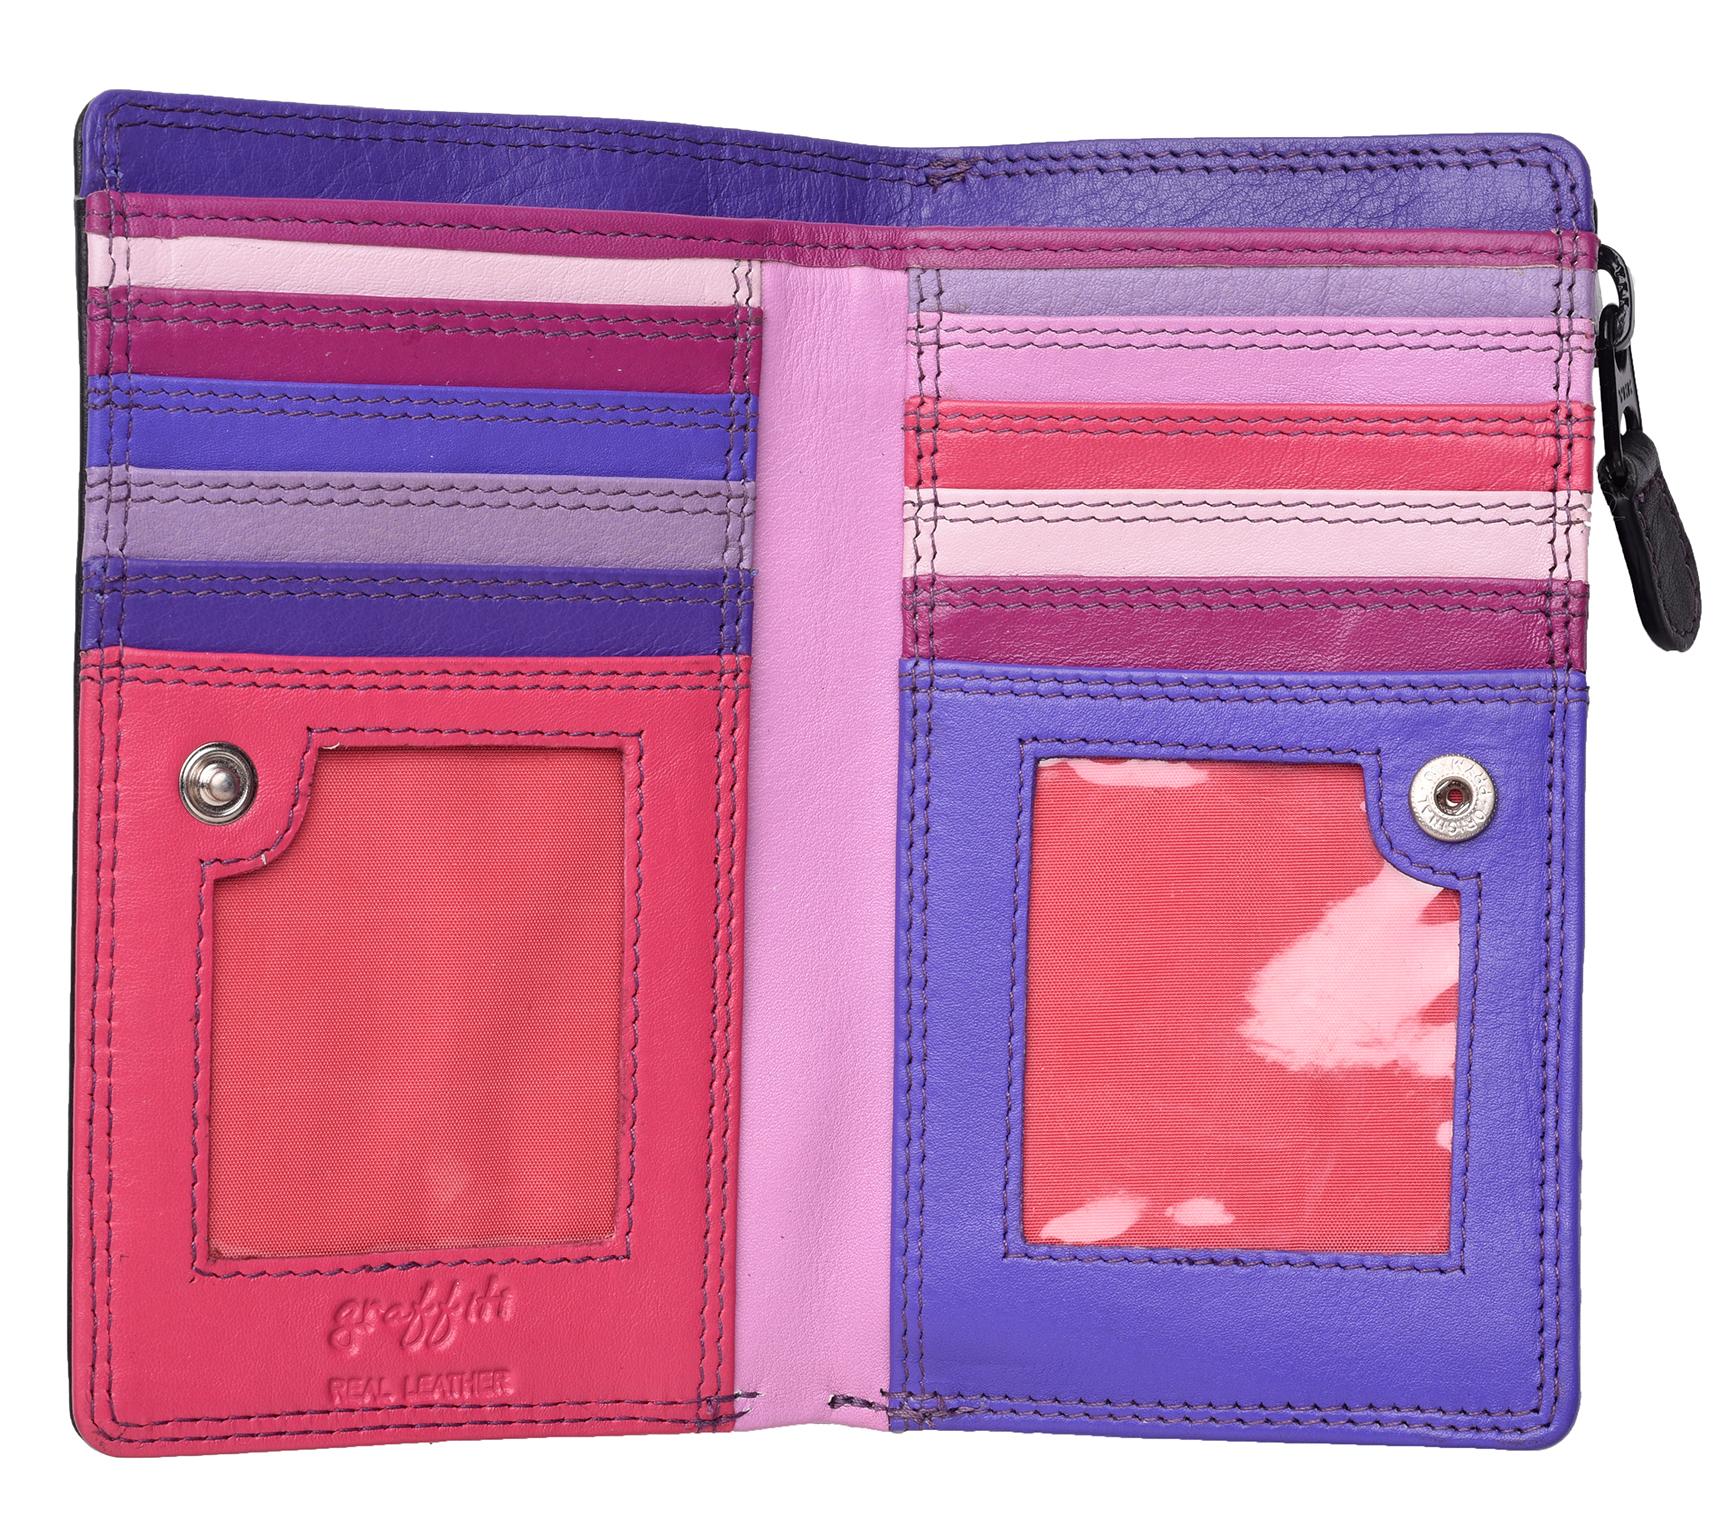 Femme-Veritable-Multi-Couleur-RFID-Blocage-De-Haute-Qualite-Sac-a-Main-Portefeuille miniature 27